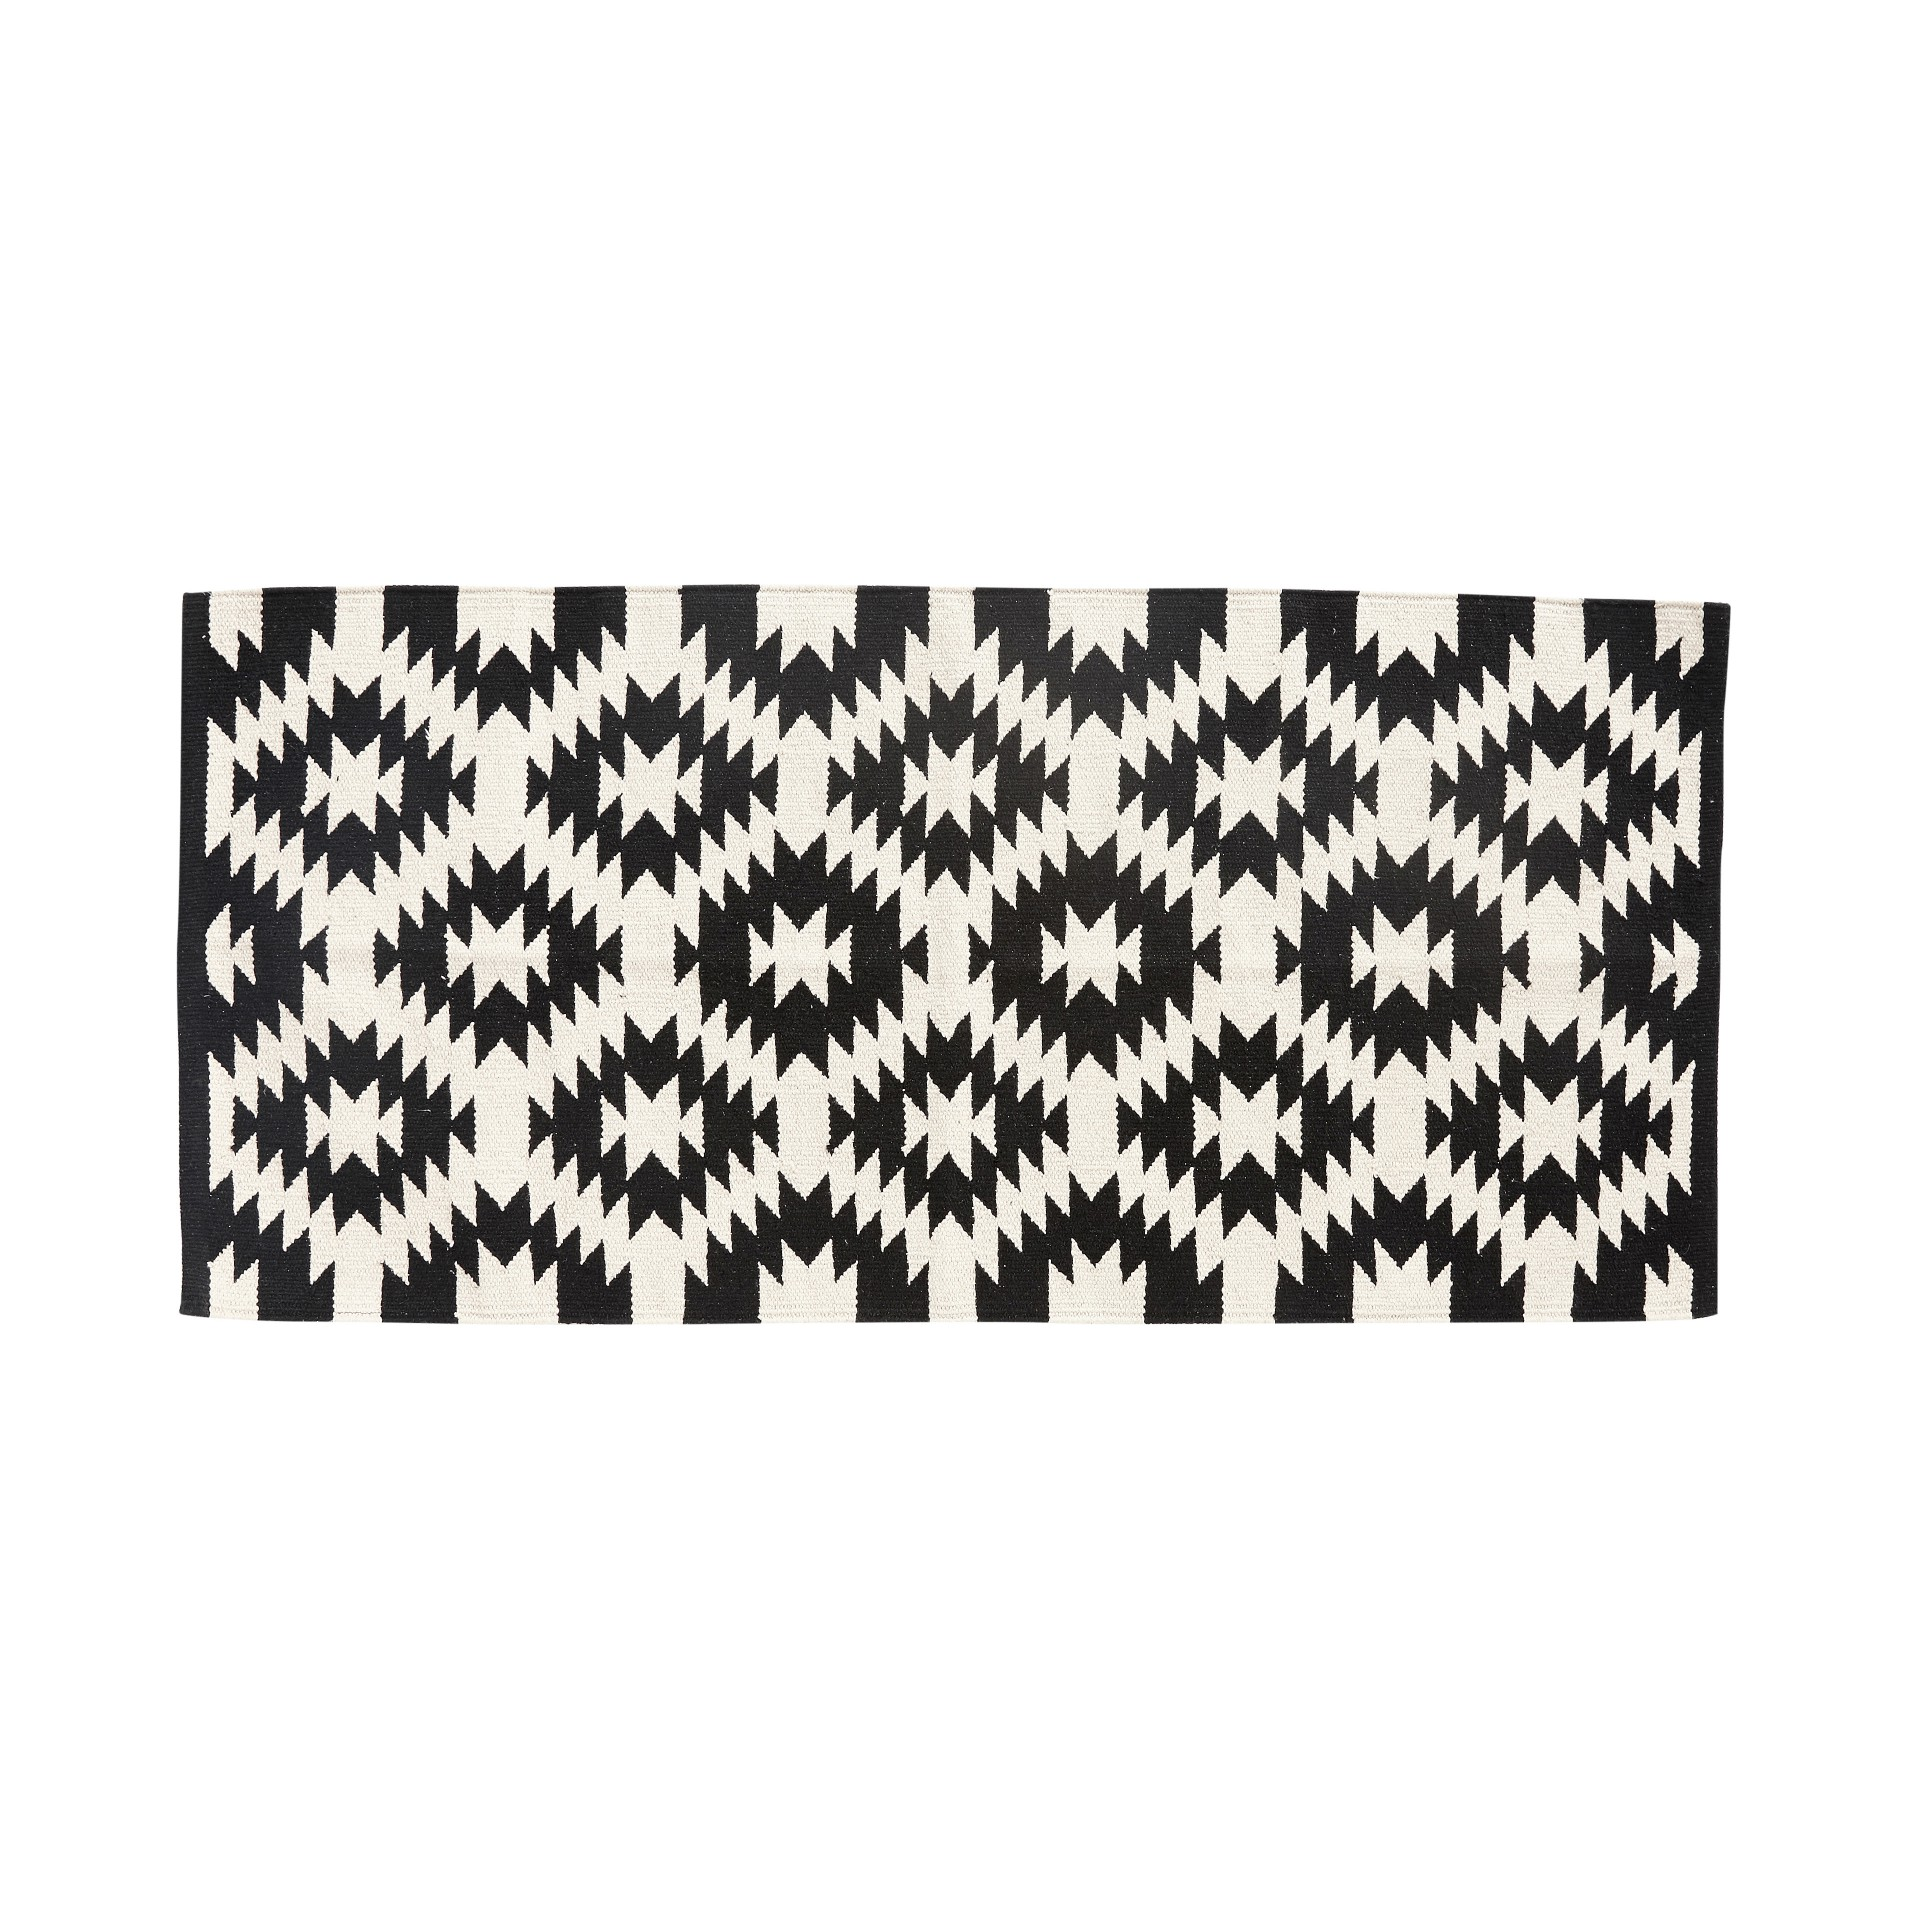 Baumwoll Teppich Gewebt teppich gewebt baumwolle schwarz weiß hübsch kaufen